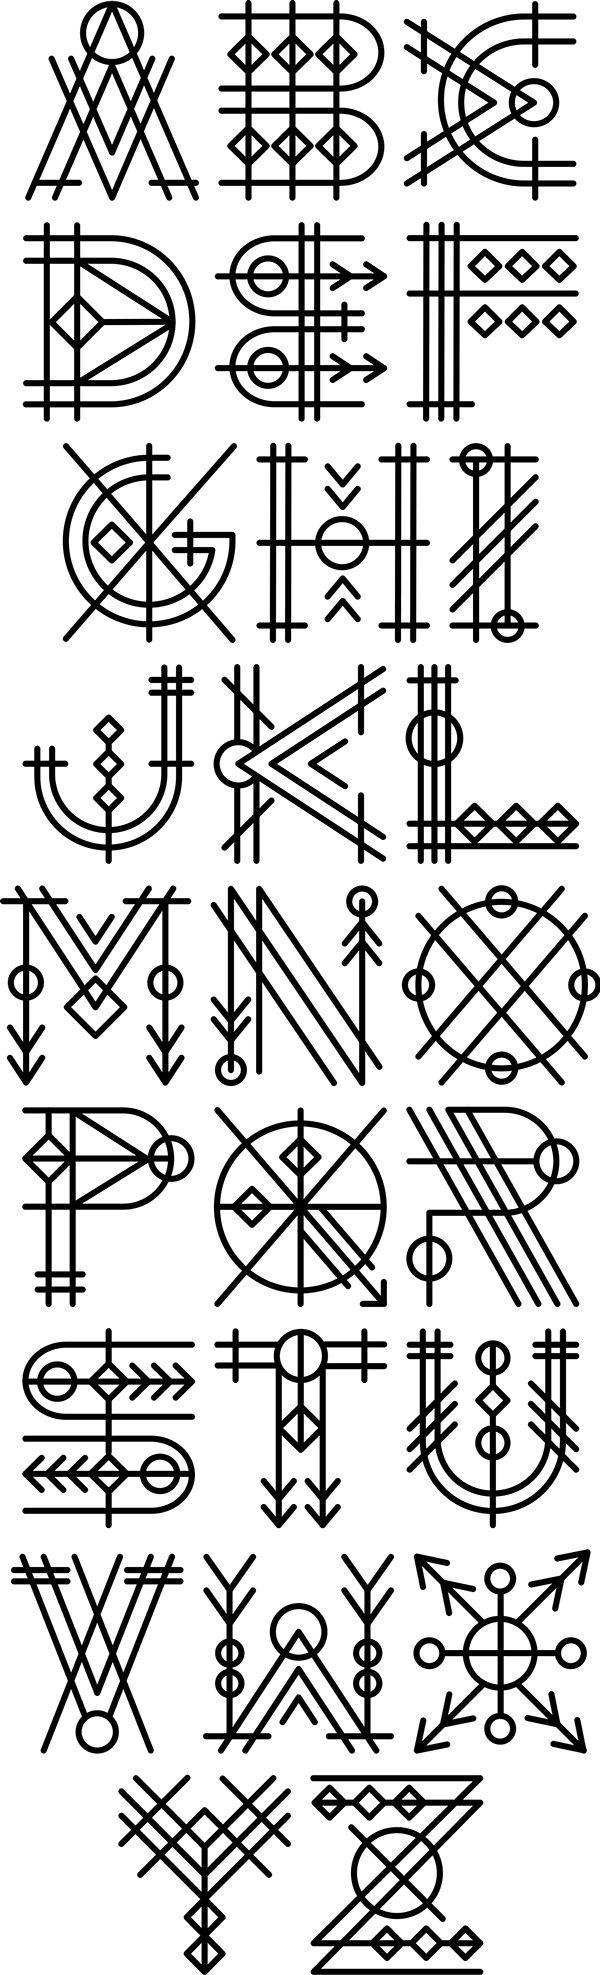 Best Printables  Fonts Images On   Printables Fonts